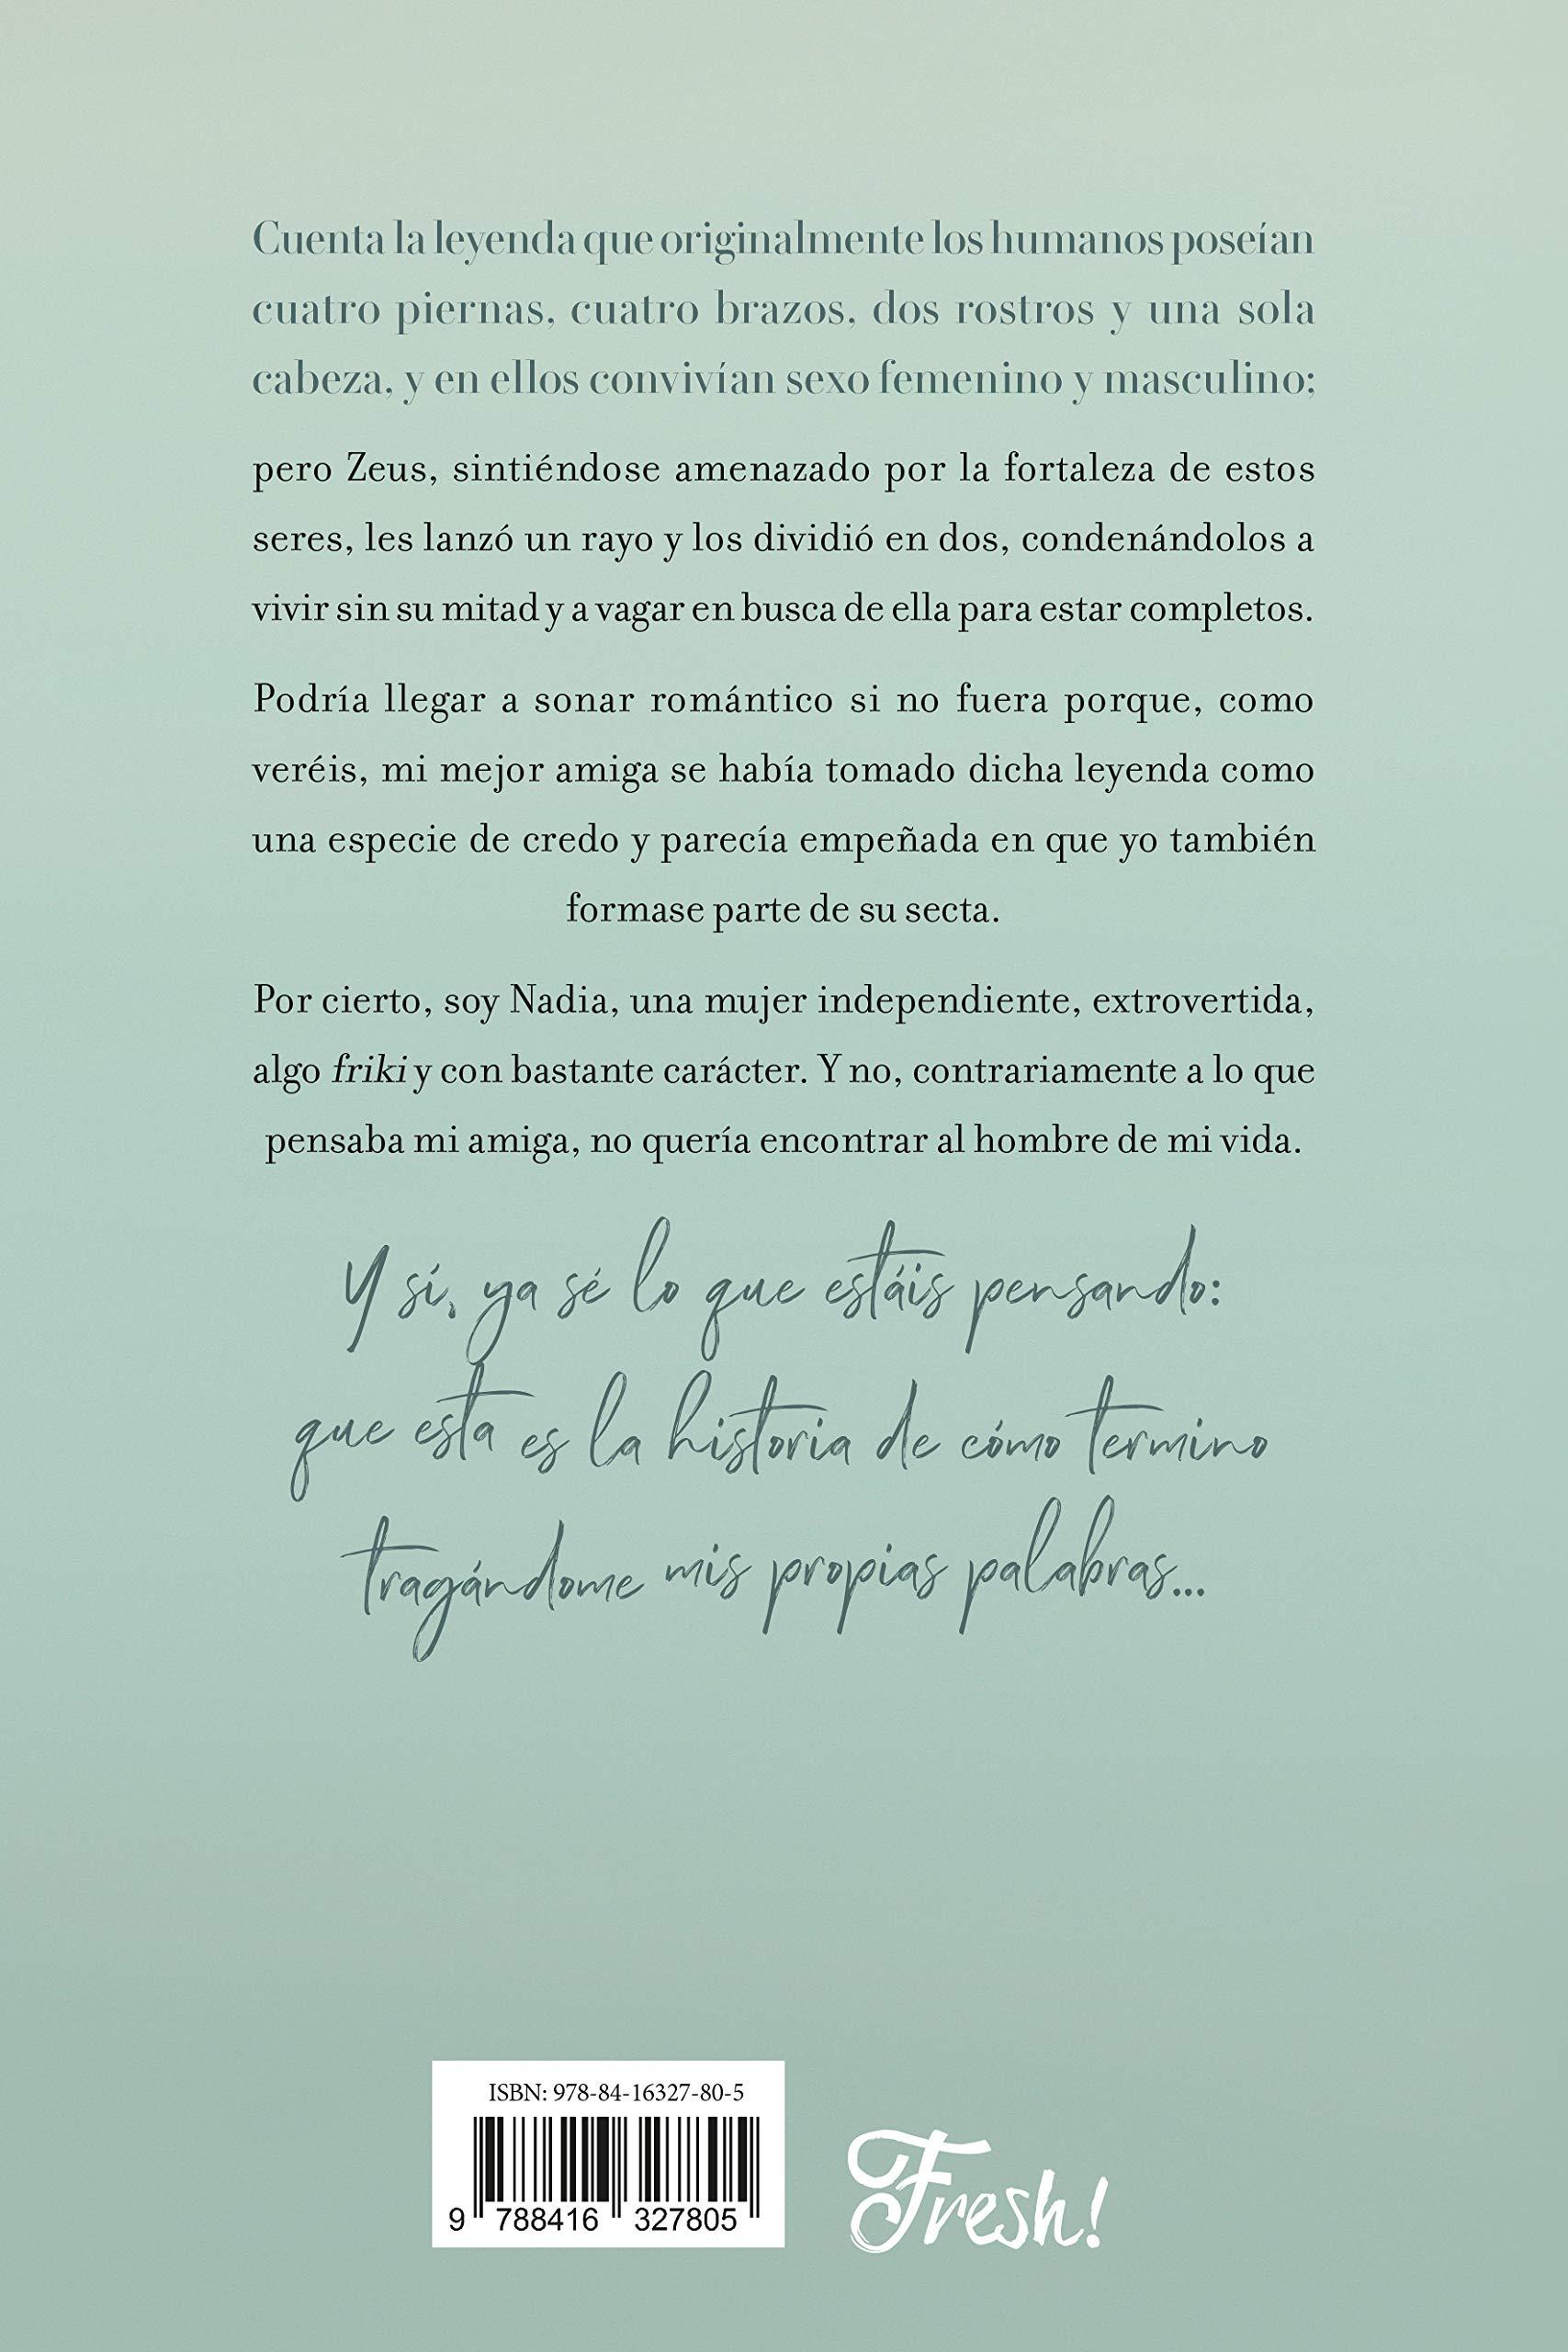 Solo Tres Citas... y una mentira (Titania amour): Amazon.es: VÍLCHEZ, VICTORIA: Libros